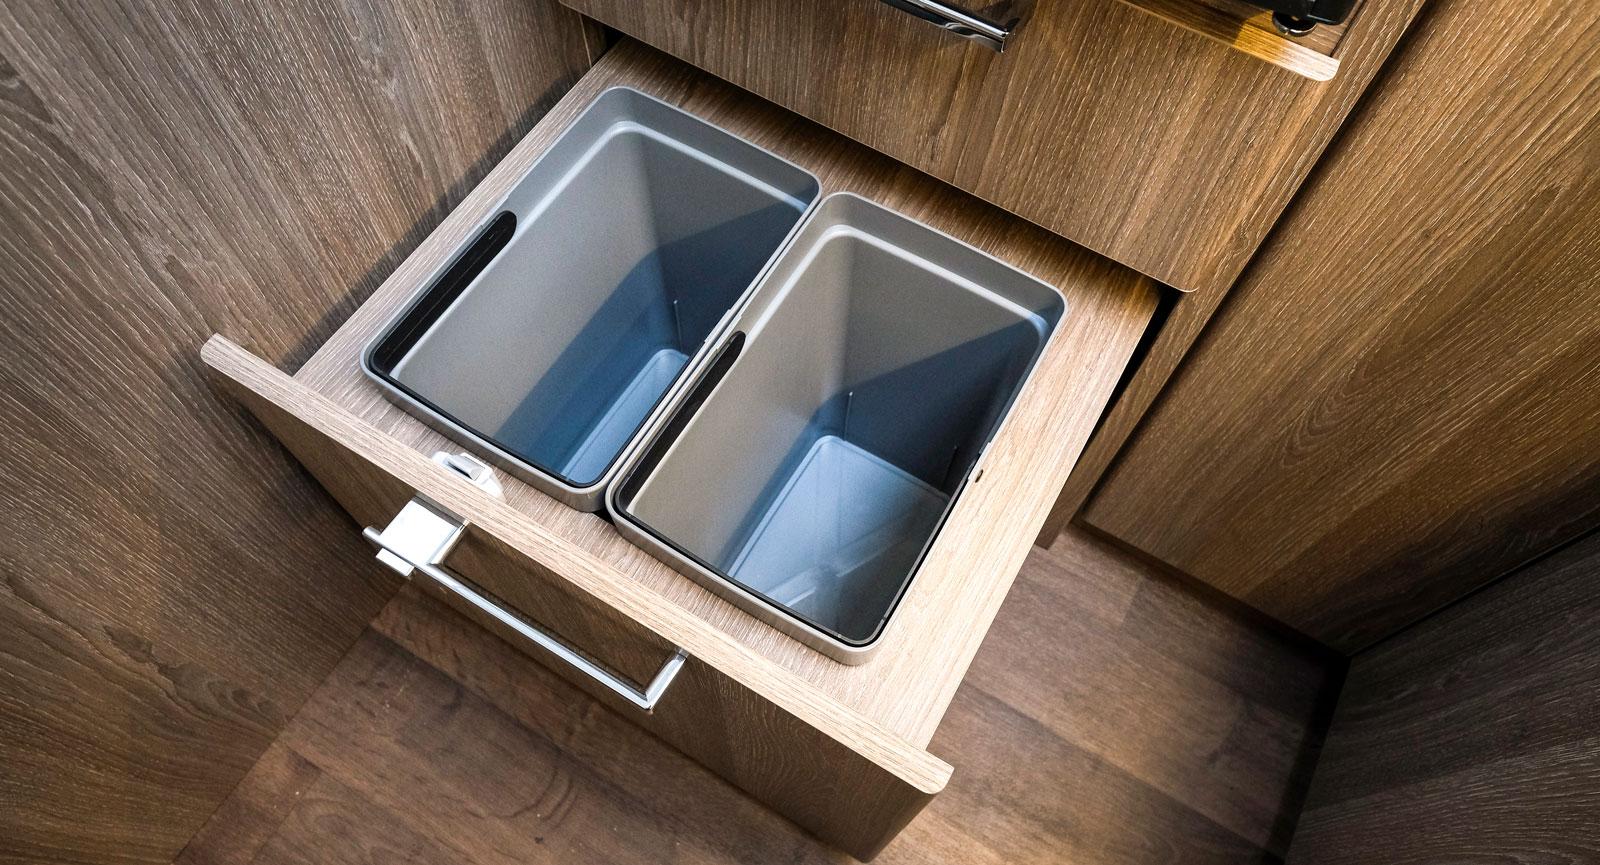 Förberett för sortering av sopor i nedersta lådan i köket.